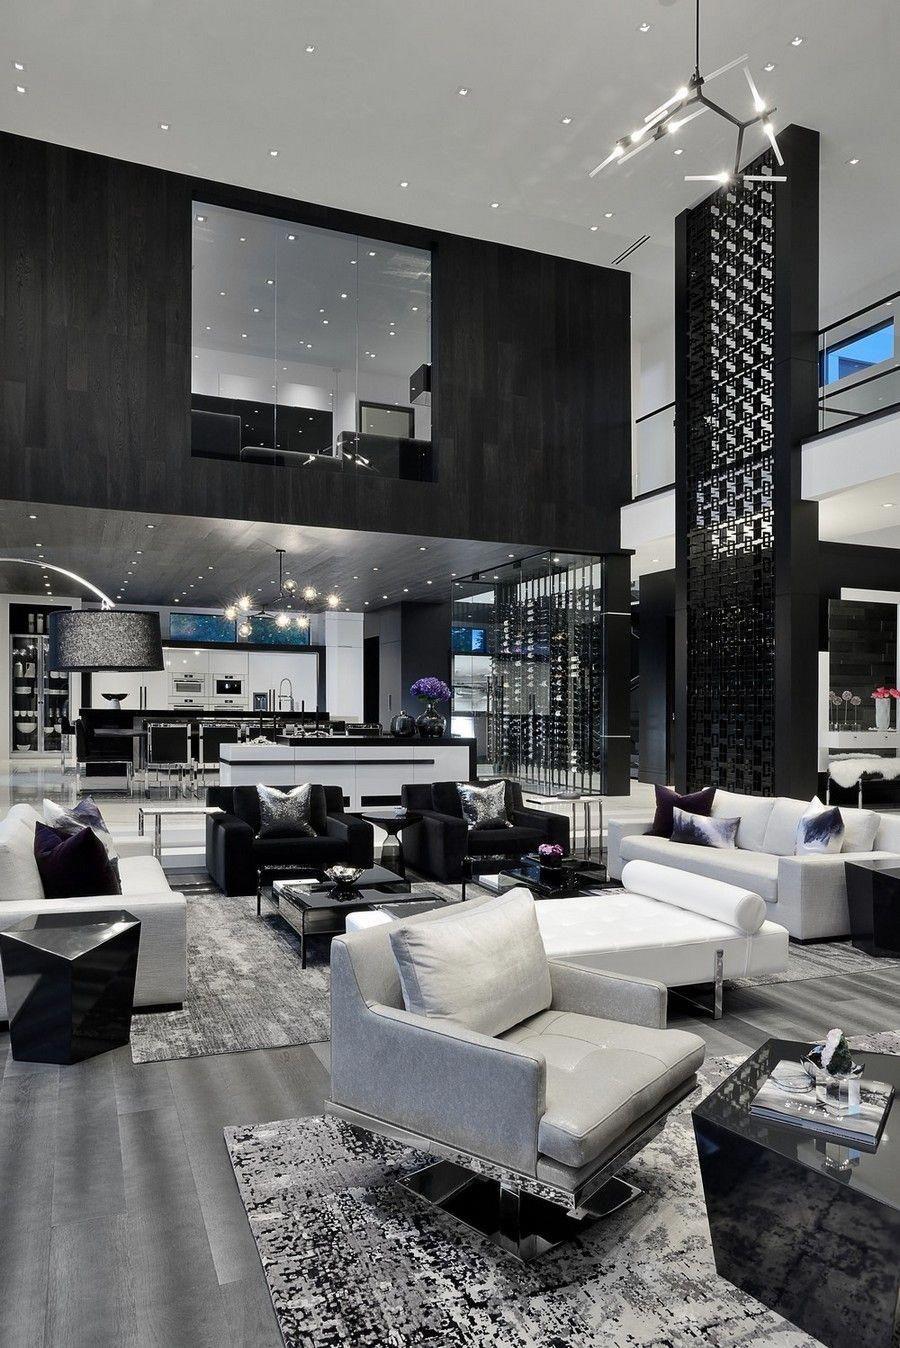 Standard Grosser Luxus Schlafzimmer Luxus Schlafzimmer Design